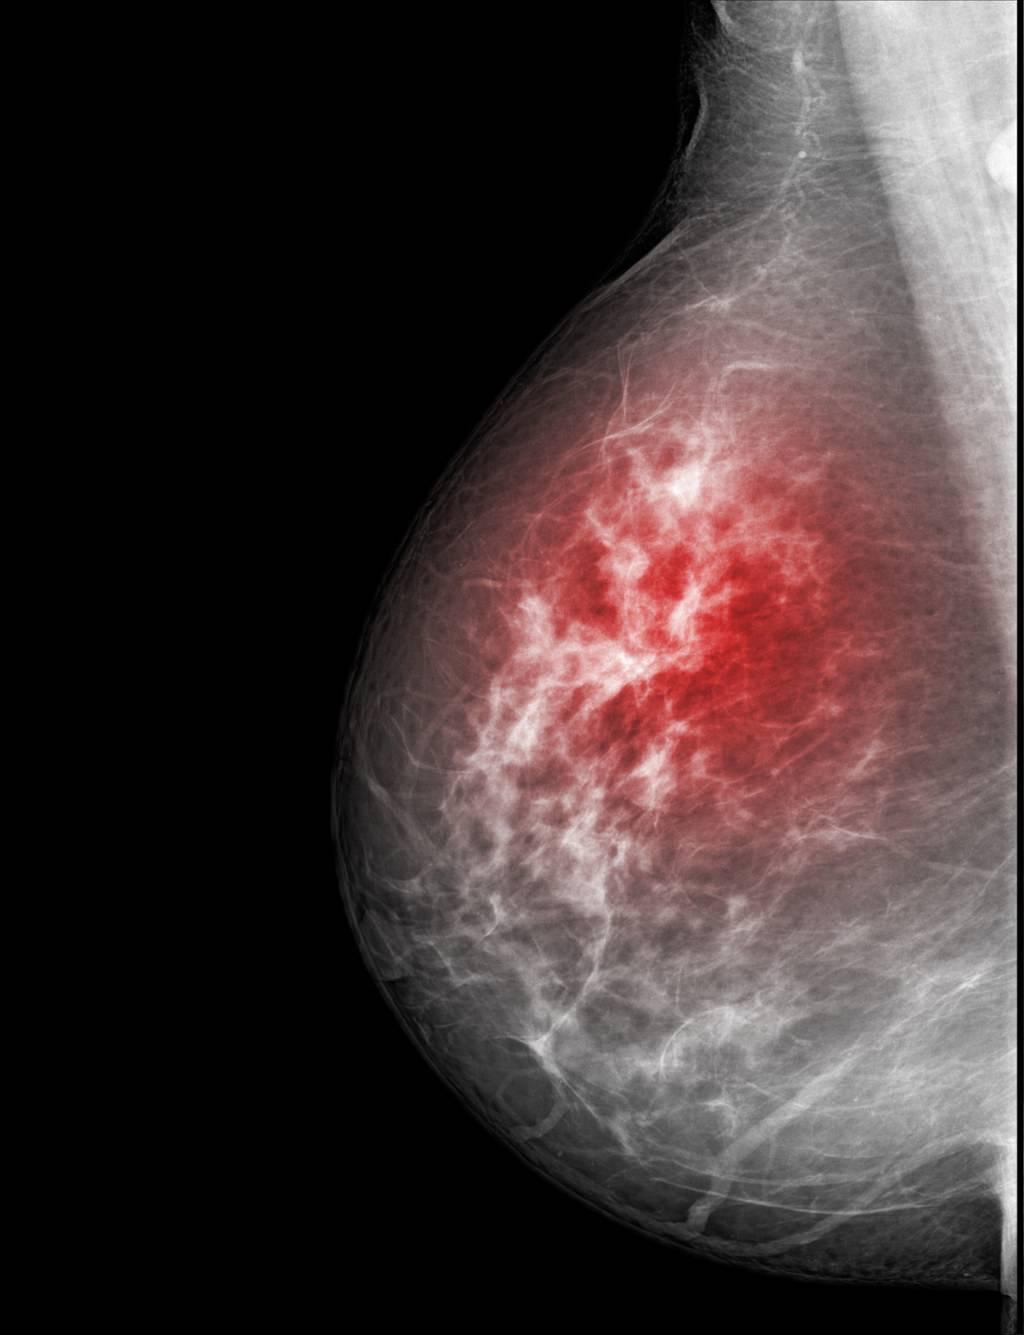 чем отличается мастопатия от рака молочной железы